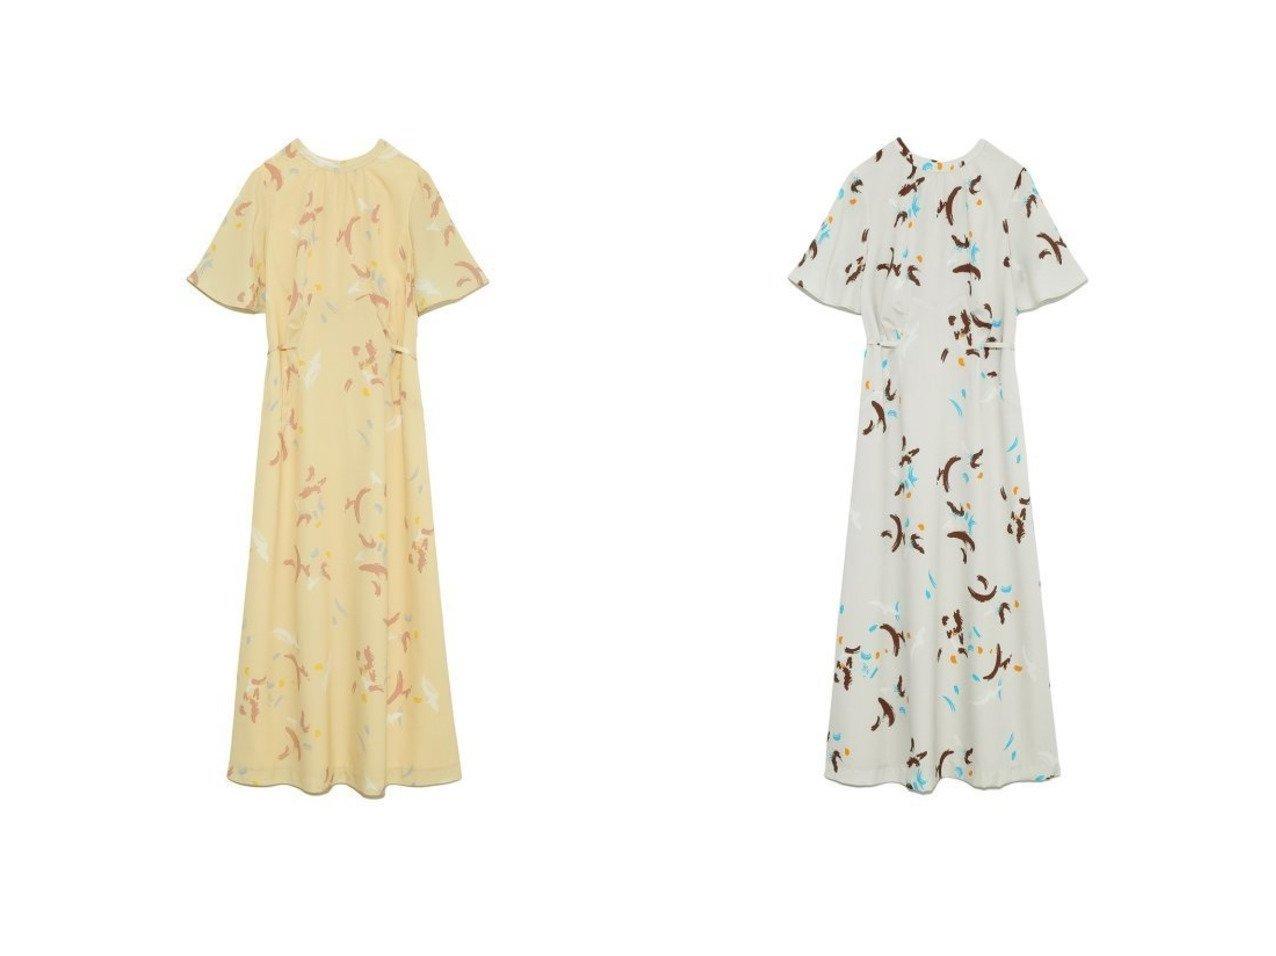 【Lily Brown/リリーブラウン】のペイント柄ロングワンピース 【ワンピース・ドレス】おすすめ!人気、トレンド・レディースファッションの通販 おすすめ人気トレンドファッション通販アイテム インテリア・キッズ・メンズ・レディースファッション・服の通販 founy(ファニー)  ファッション Fashion レディースファッション WOMEN ワンピース Dress イエロー スリーブ パターン フレア ロング 再入荷 Restock/Back in Stock/Re Arrival 春 Spring |ID:crp329100000037690